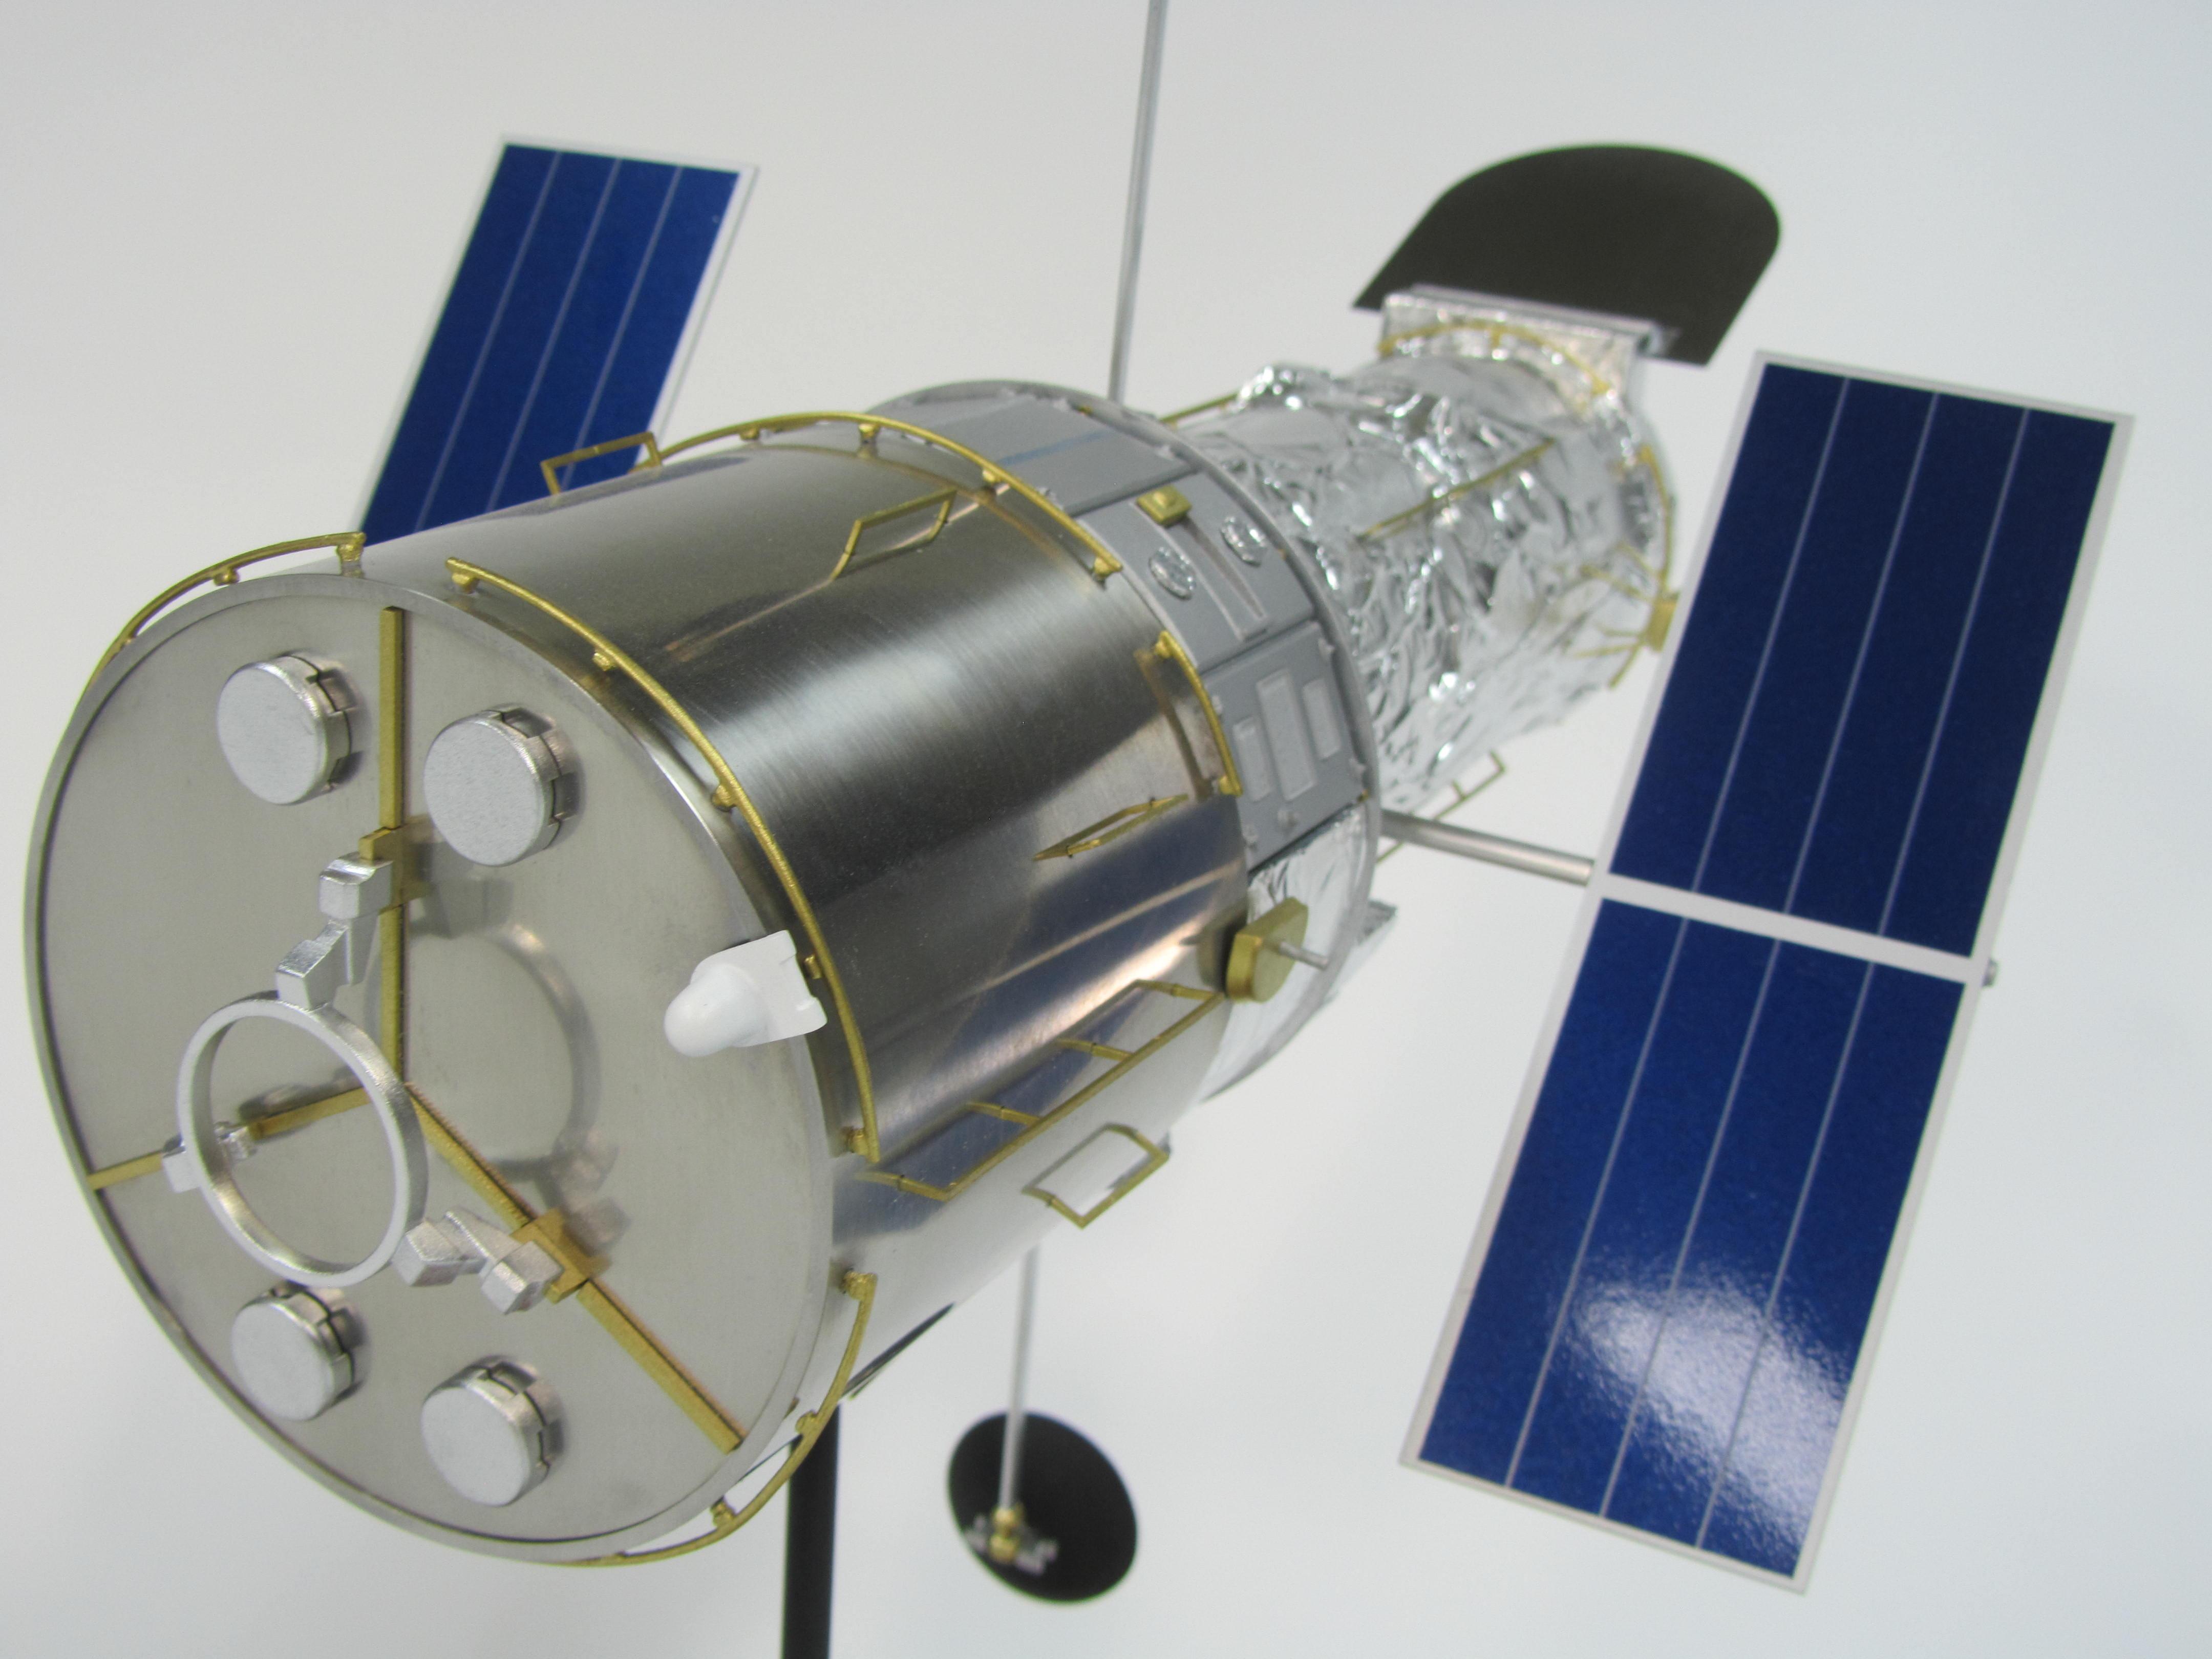 pennwalt model hubble space telescope - photo #45